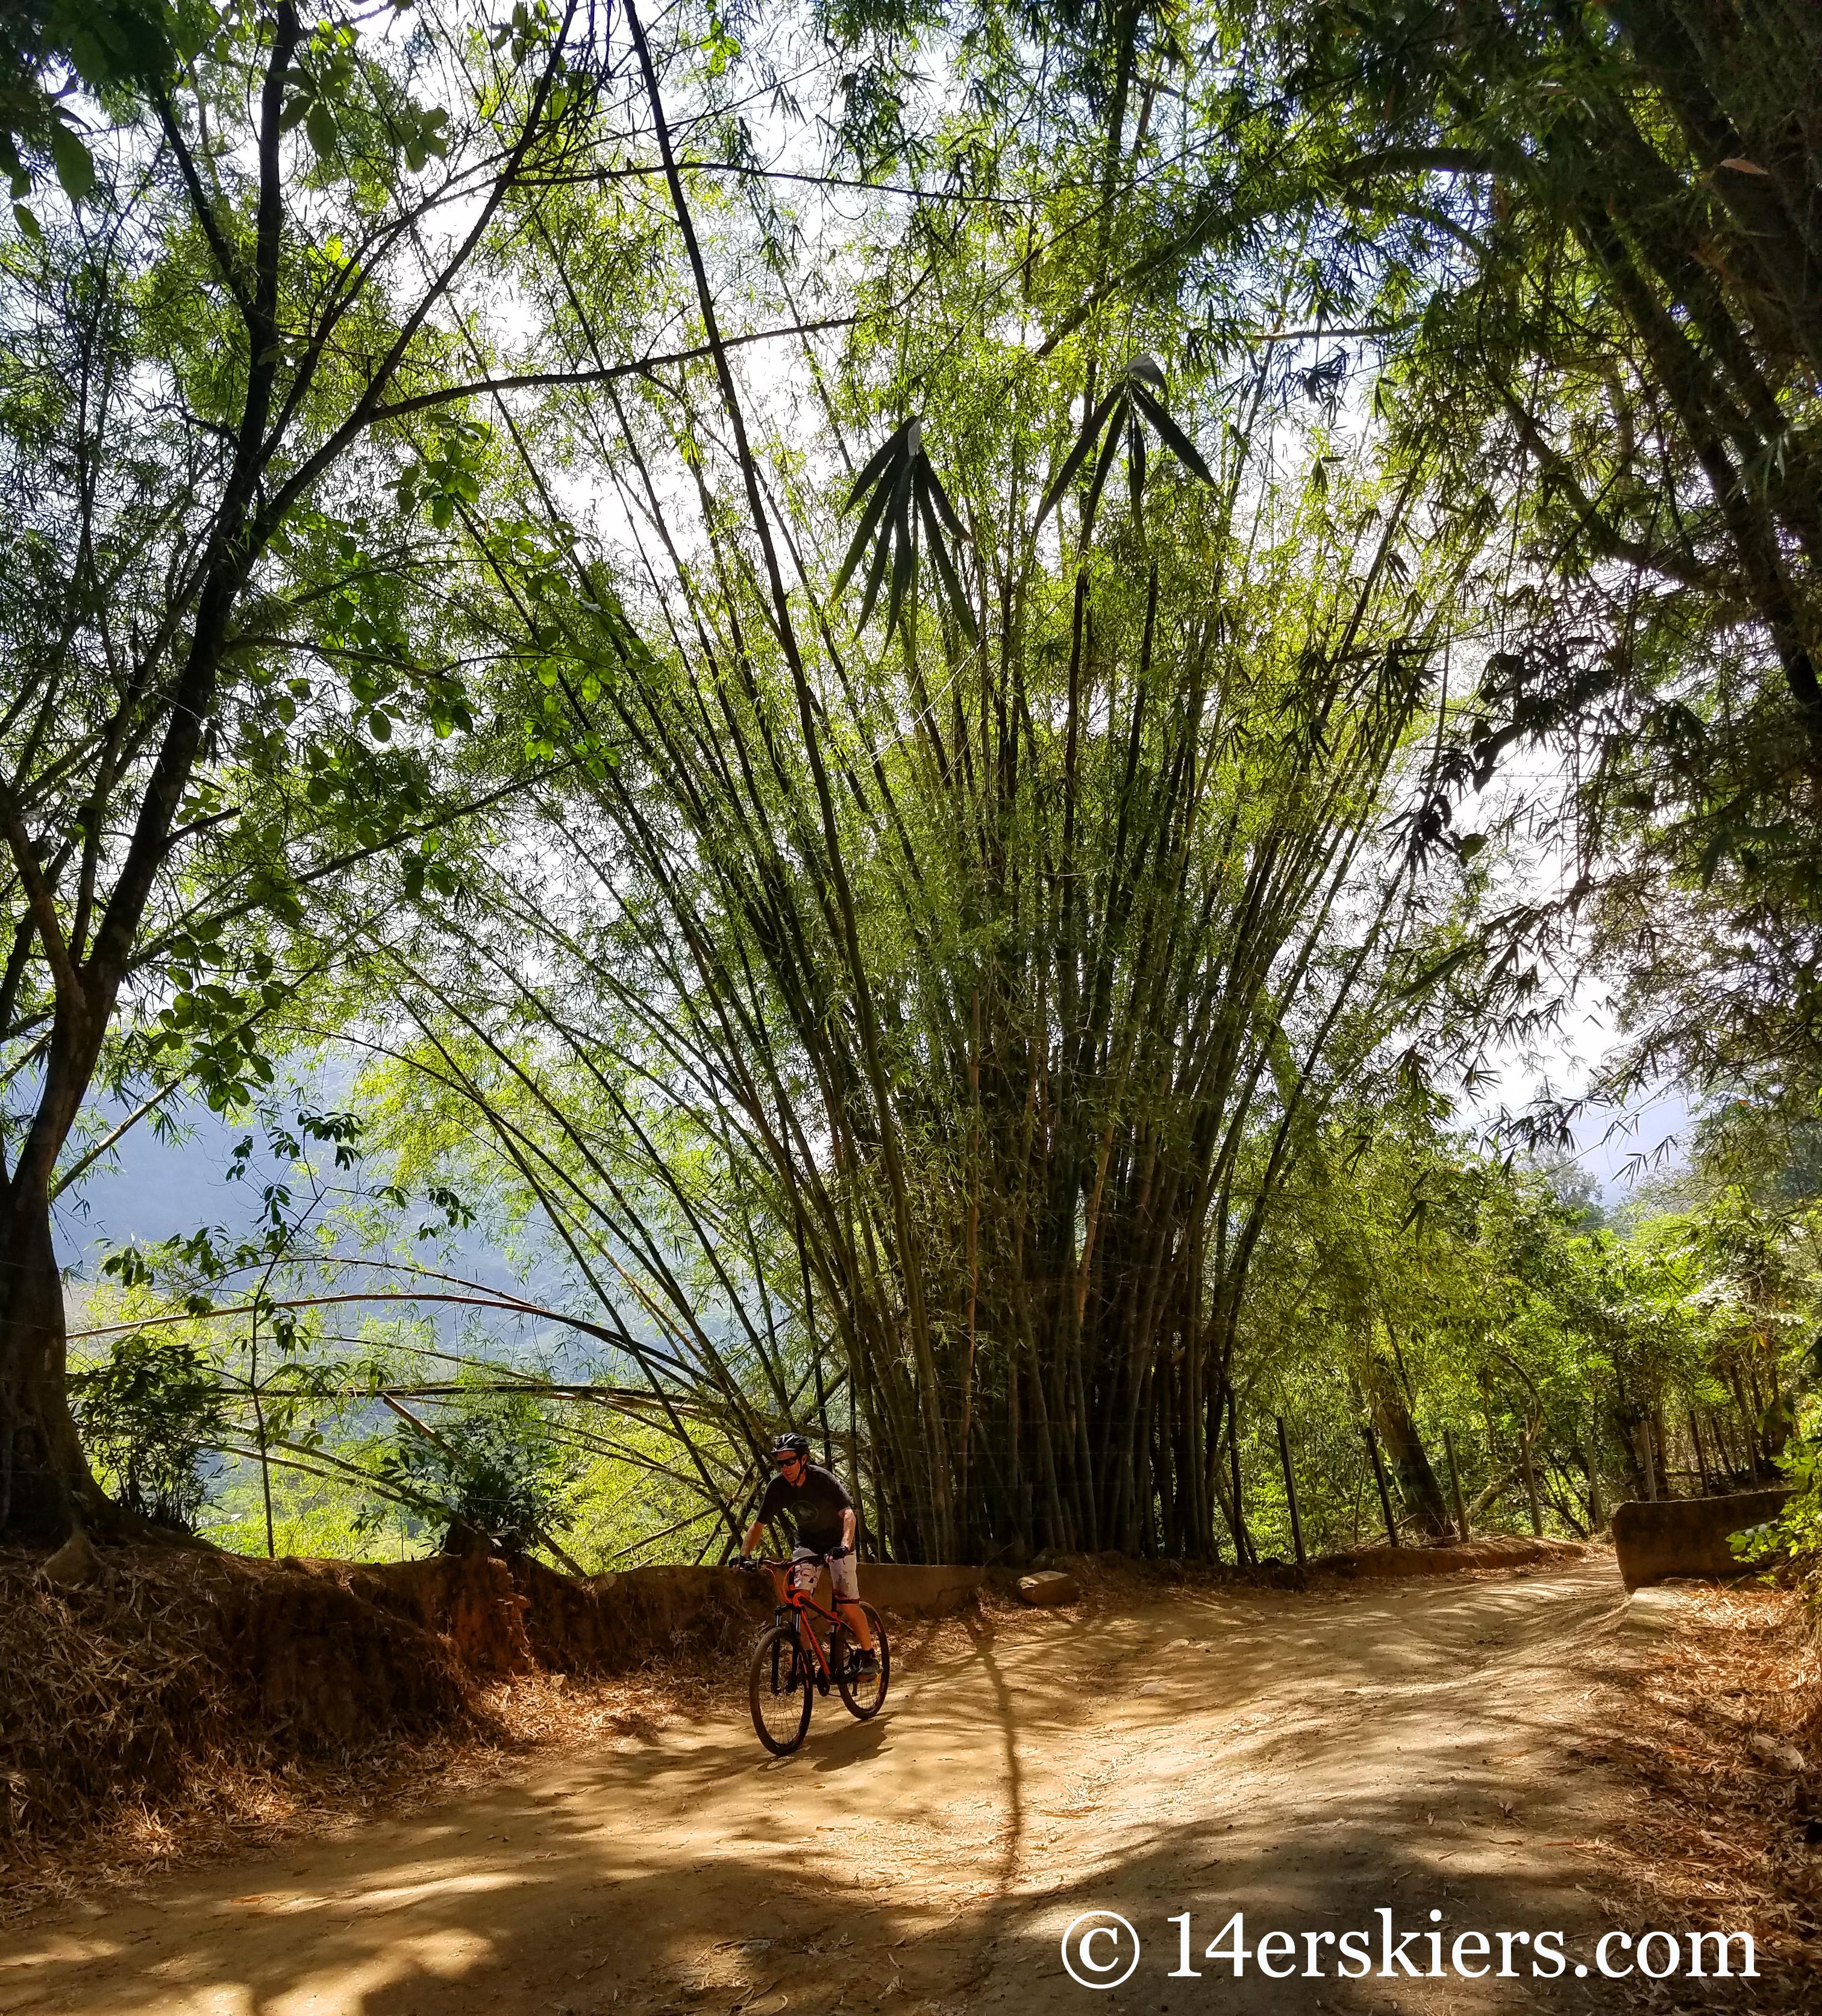 Mountain biking in Minca, Colombia